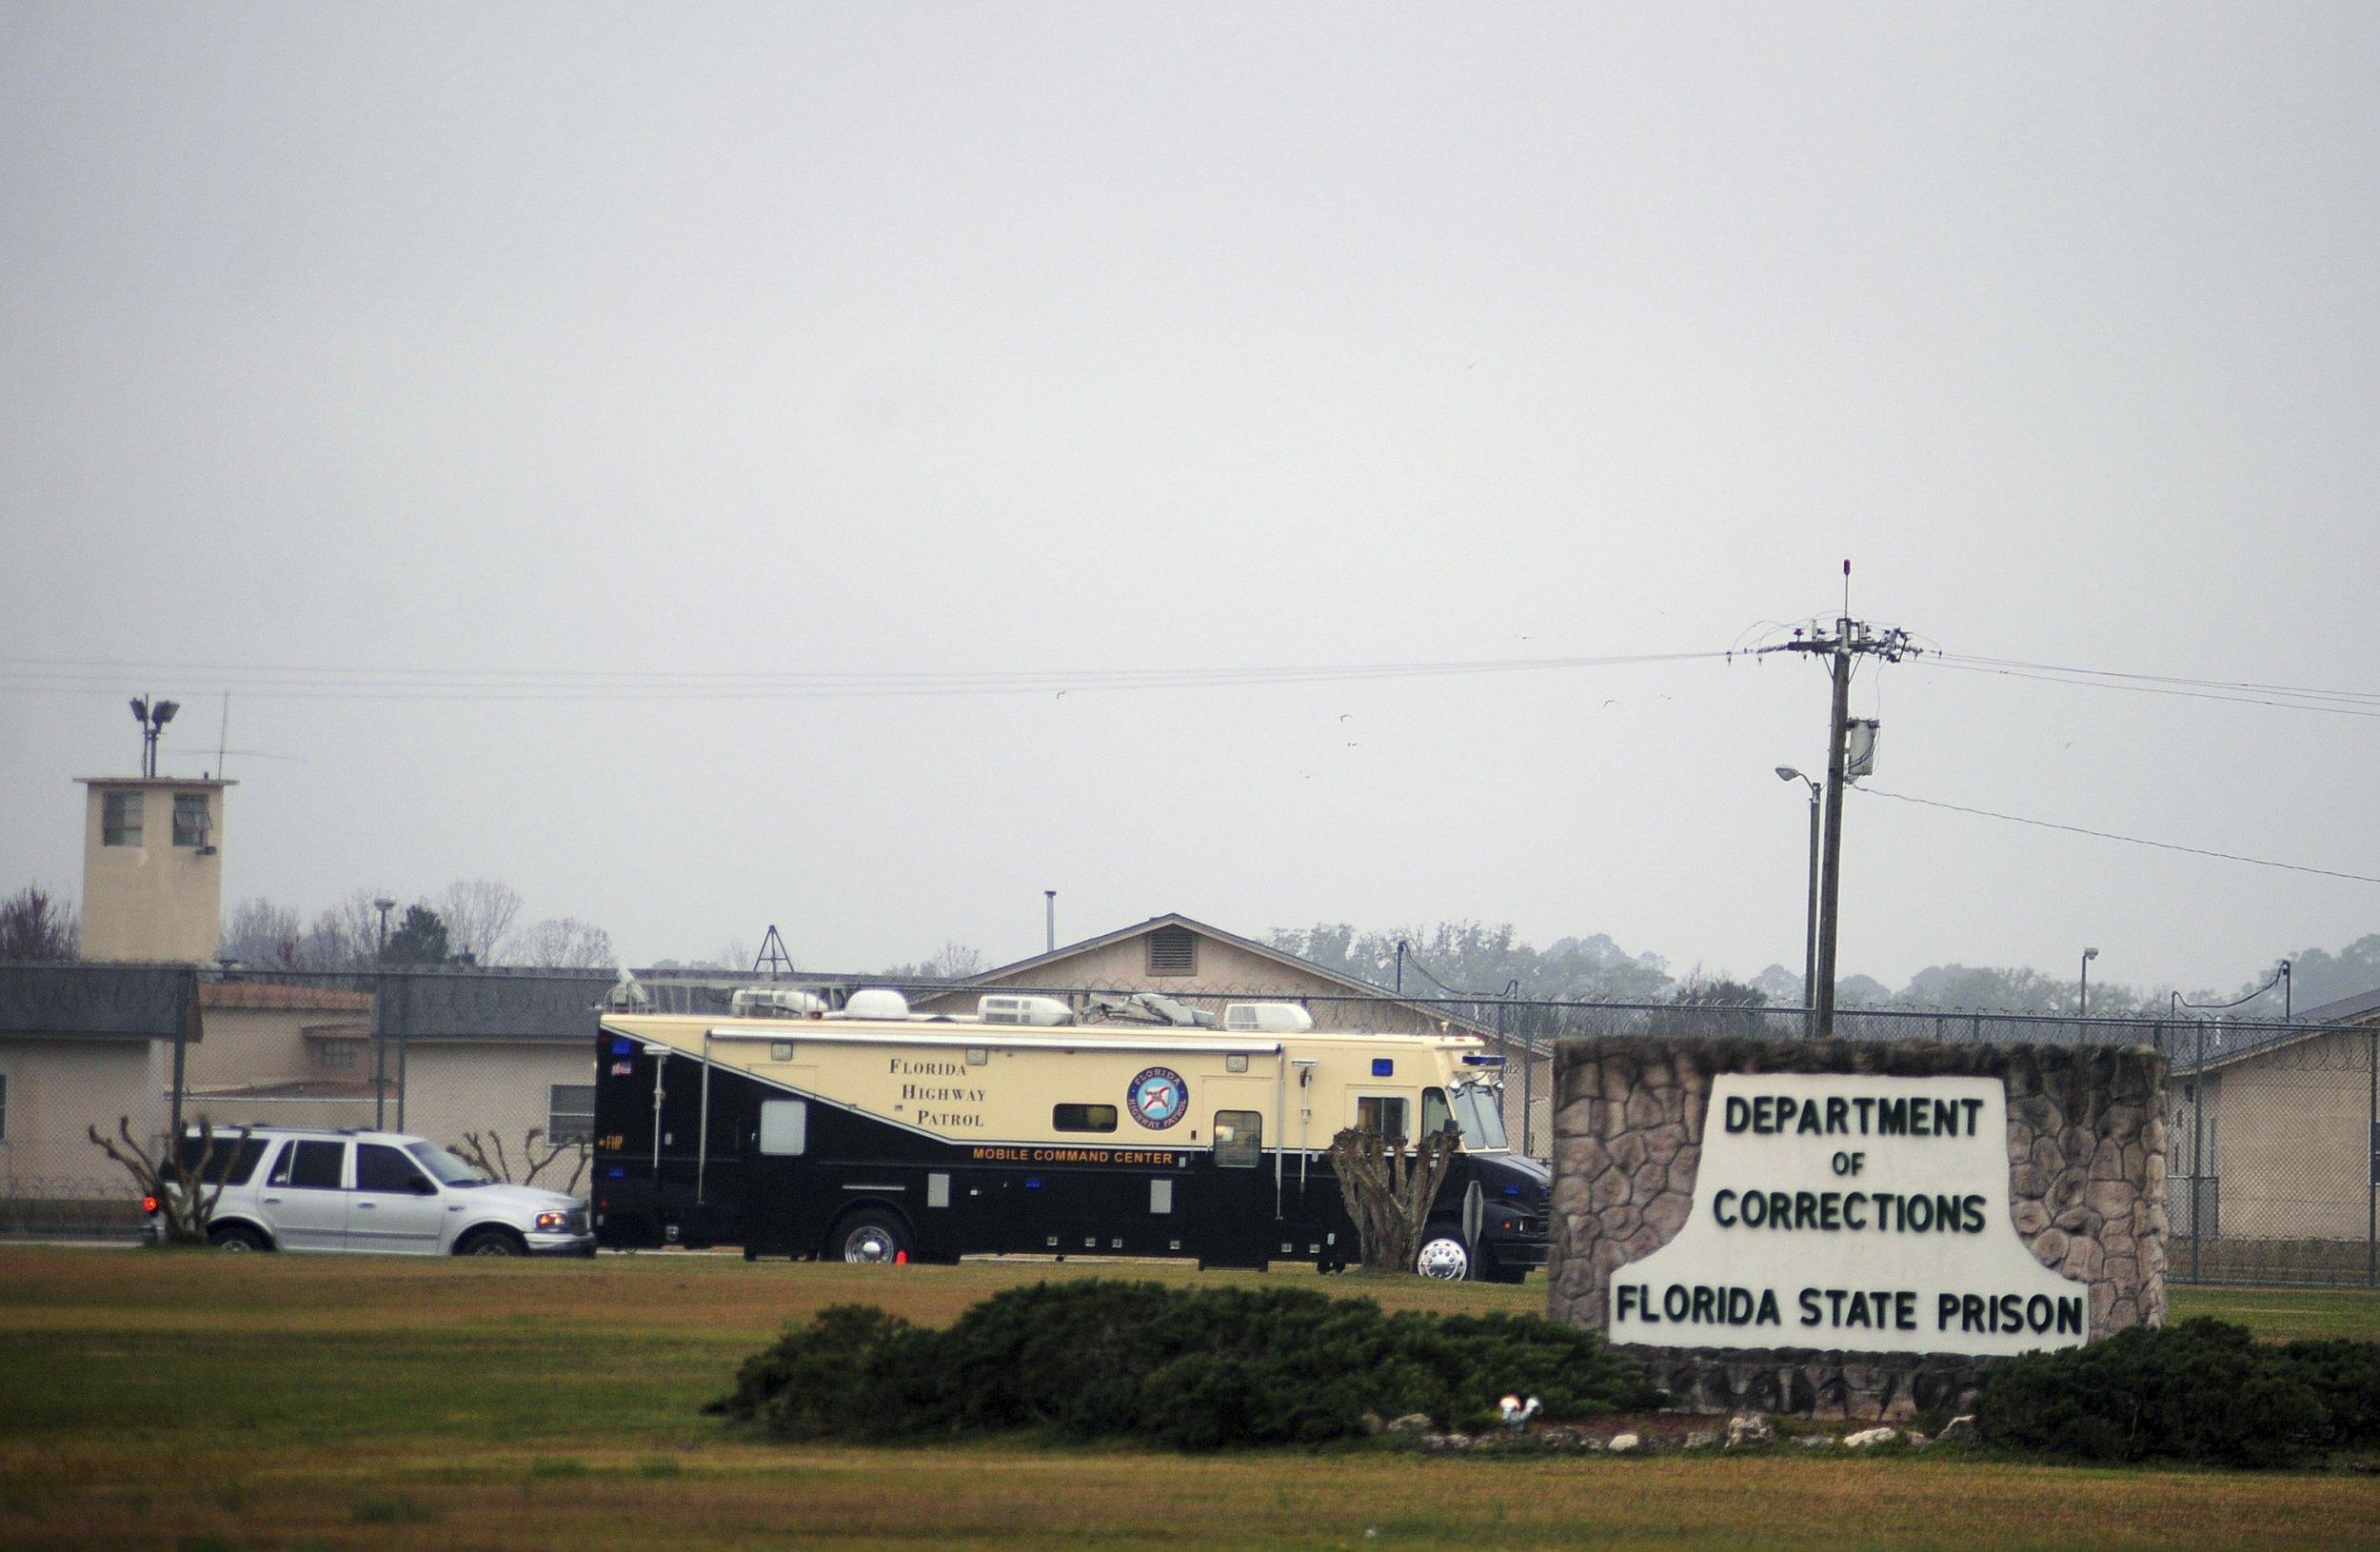 02_23_Florida_State_Prison